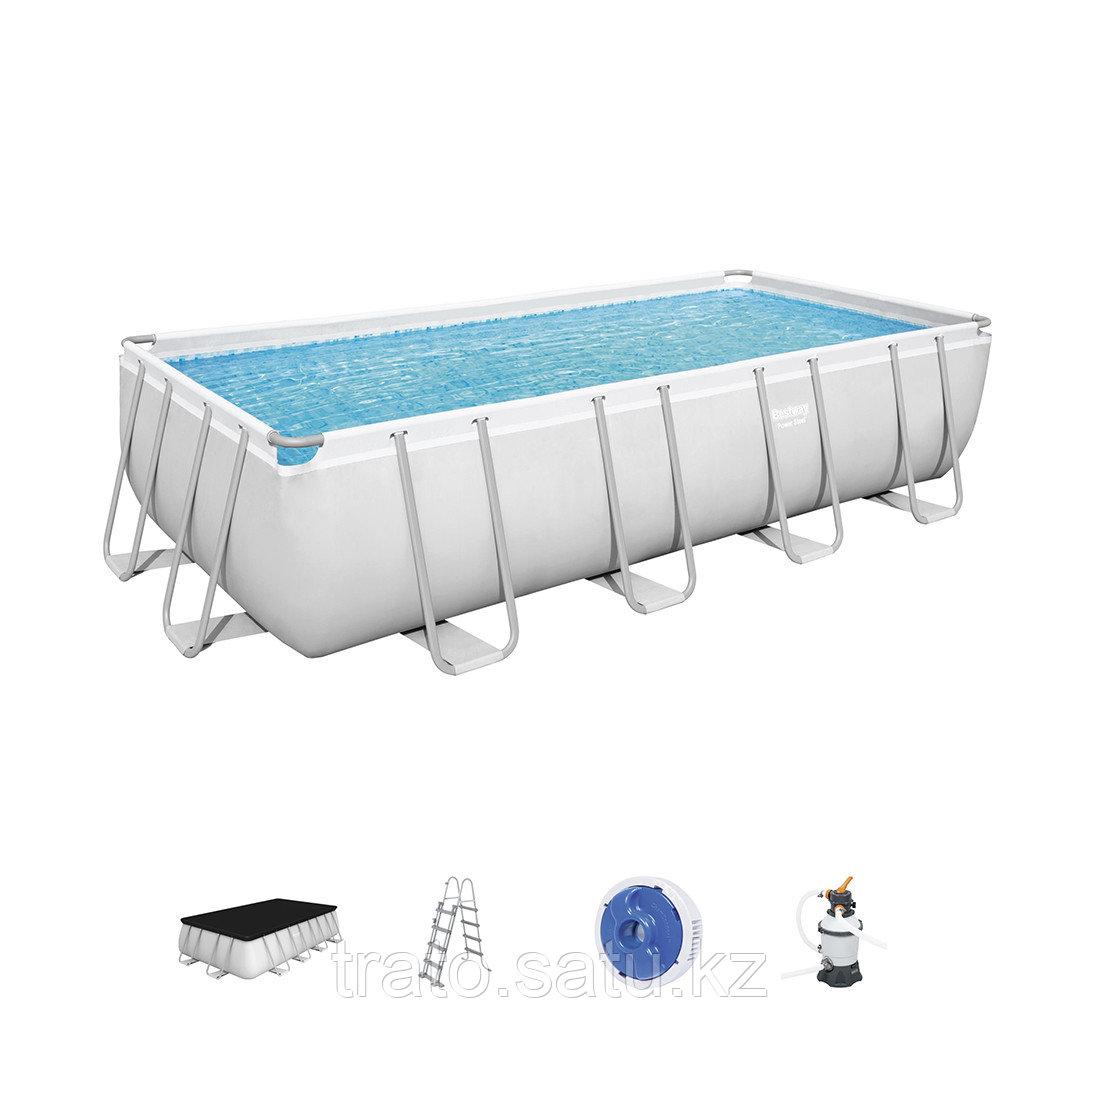 Каркасный бассейн Bestway 488х244х122см с песочным фильтр насосом